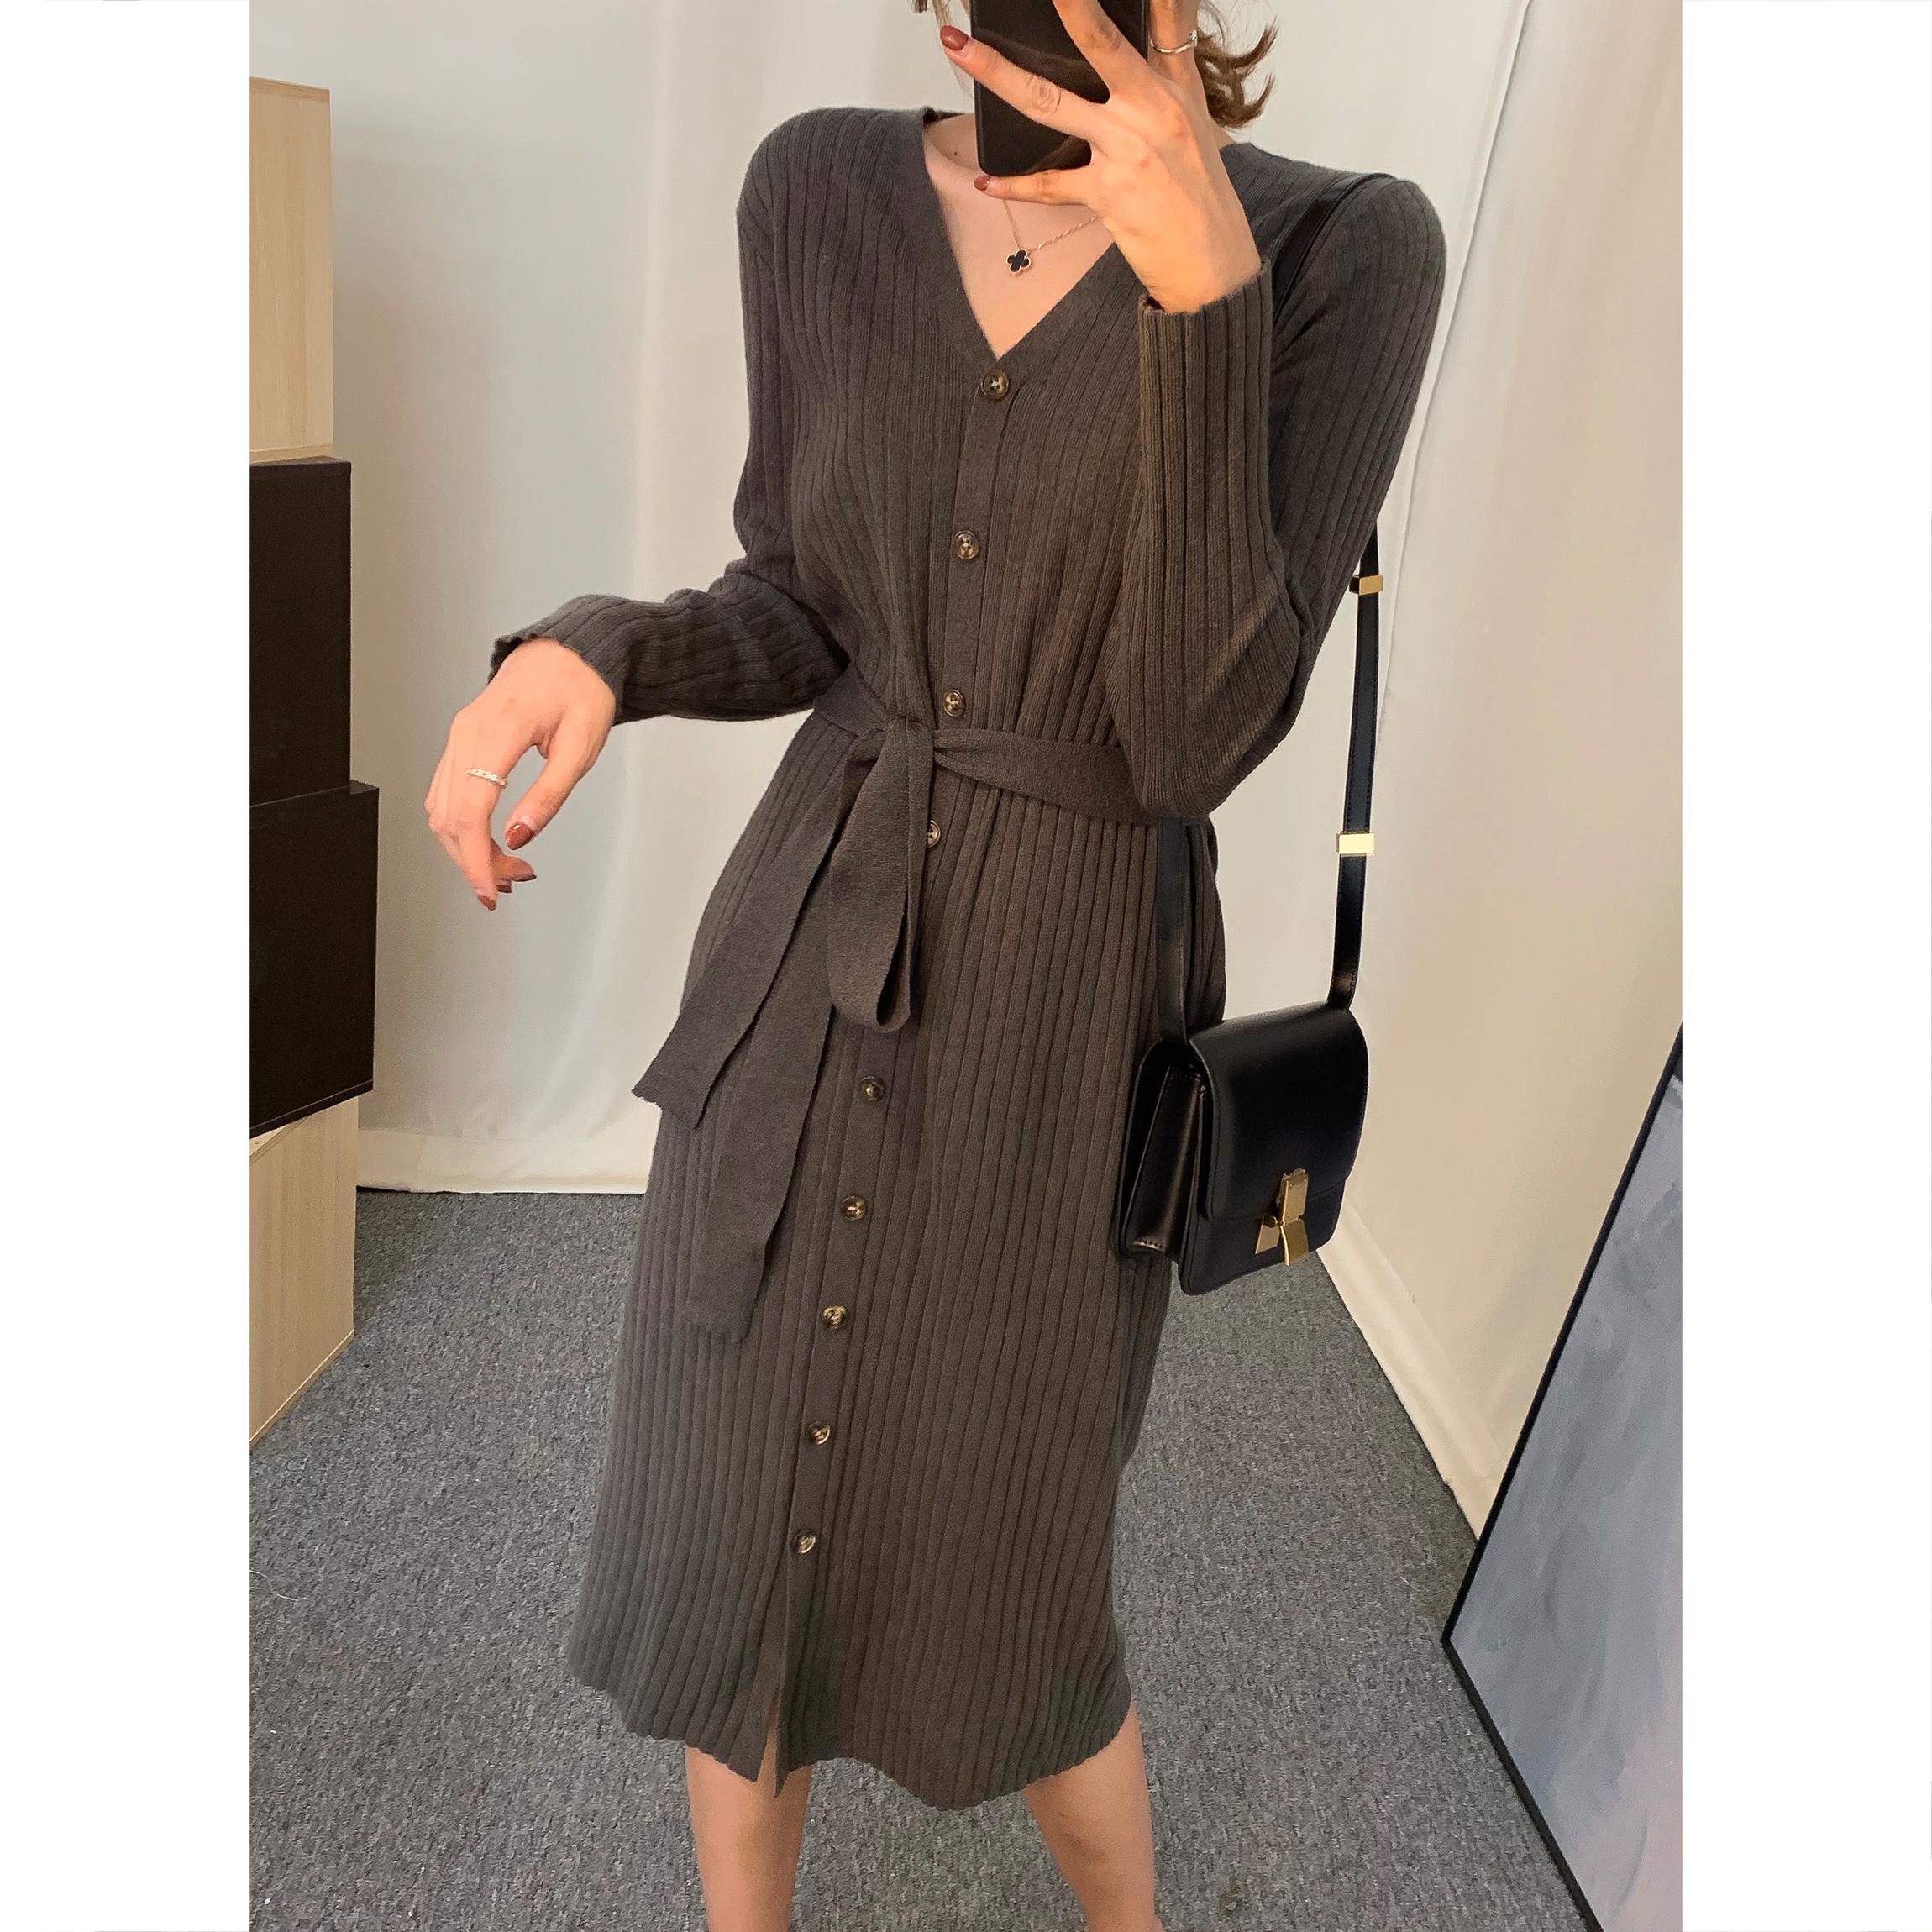 针织长袖修身显瘦秋冬新款连衣裙满139.00元可用10元优惠券